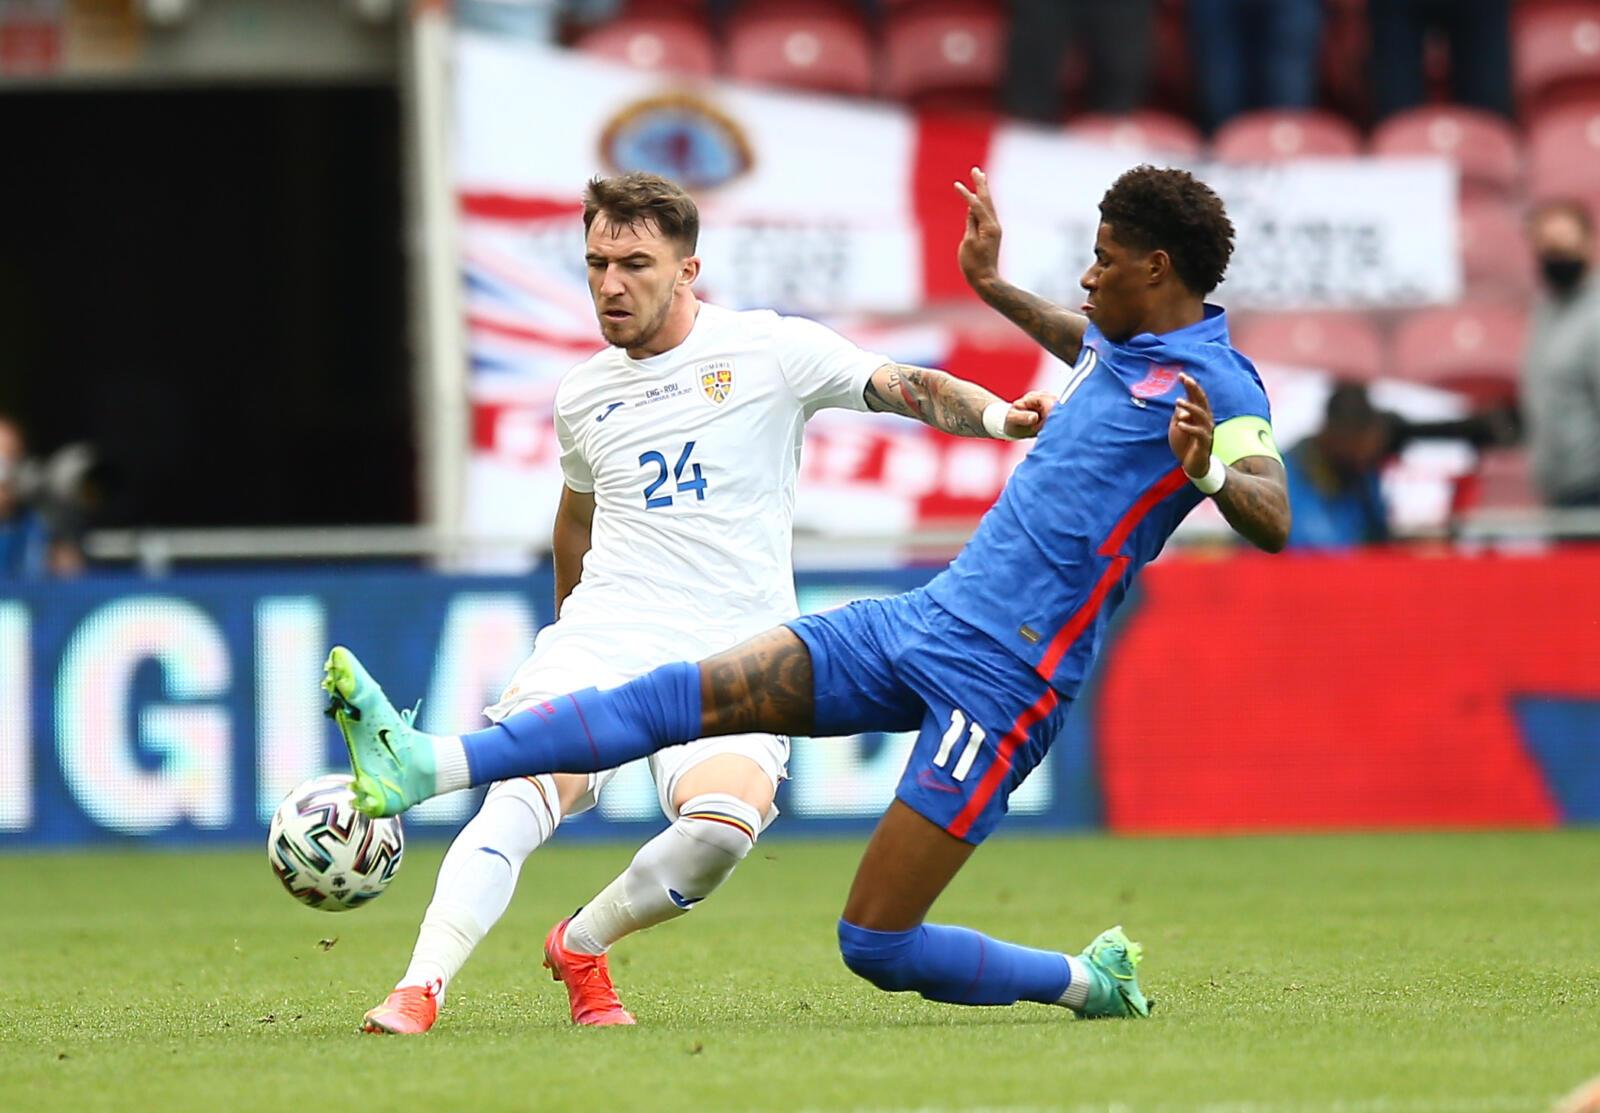 Deian Sorescu a avut un duel de foc la Middlesbrough cu Marcus Rashford